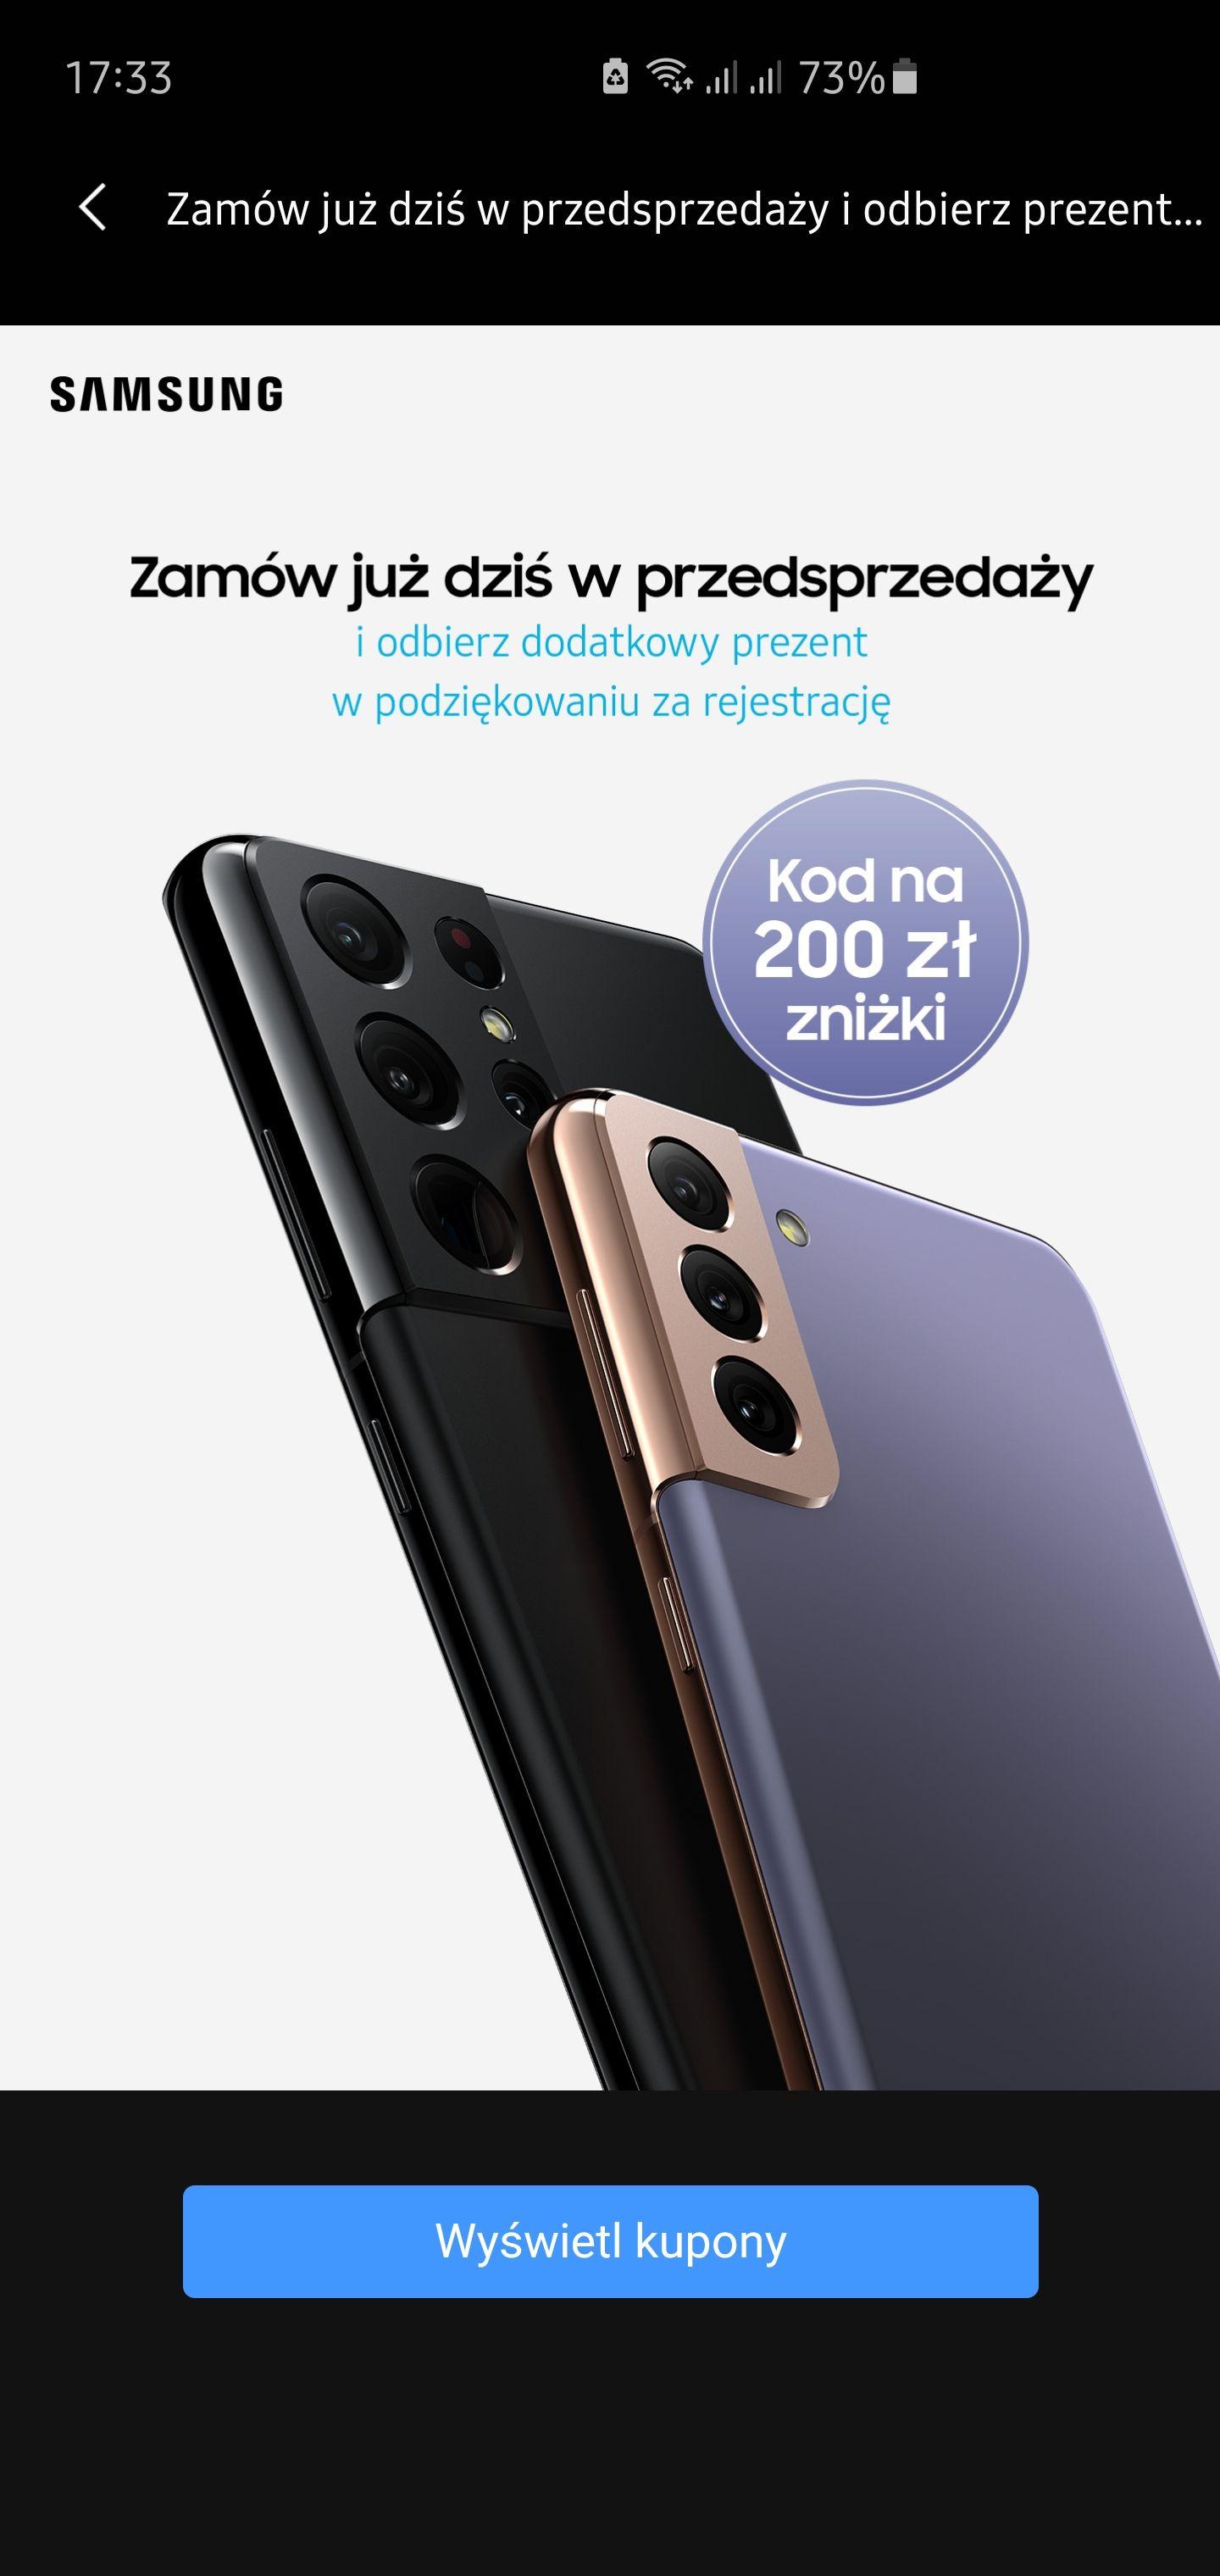 Zniżka 200 zł na zakup Samsung s21 - w aplikacji Samsung Members